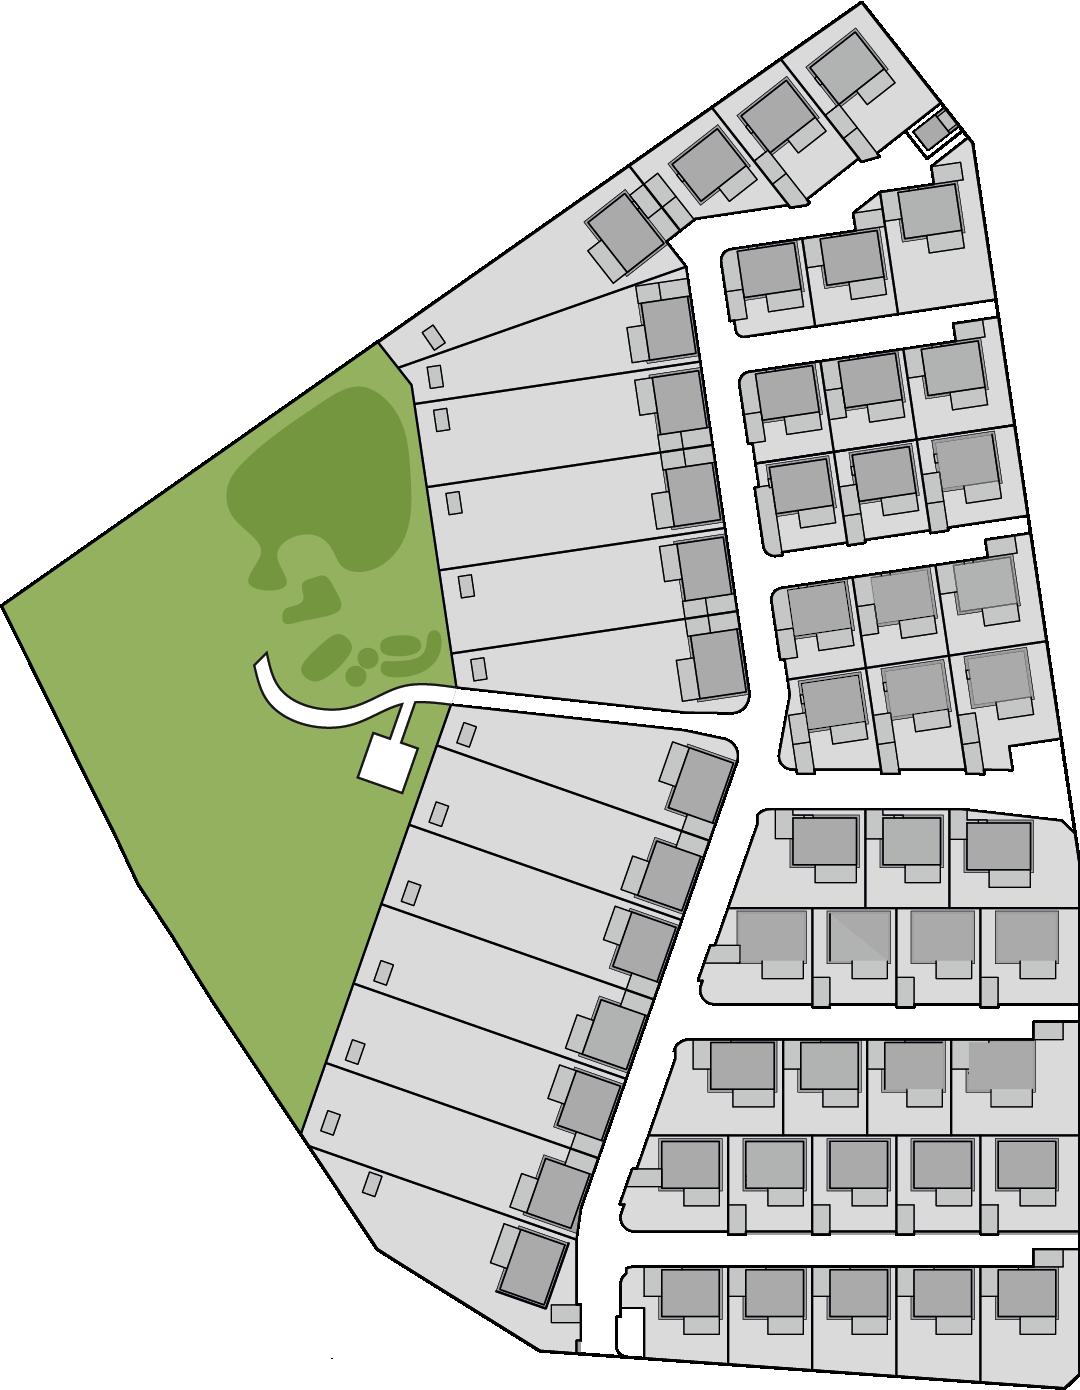 Lageplan_200909.png